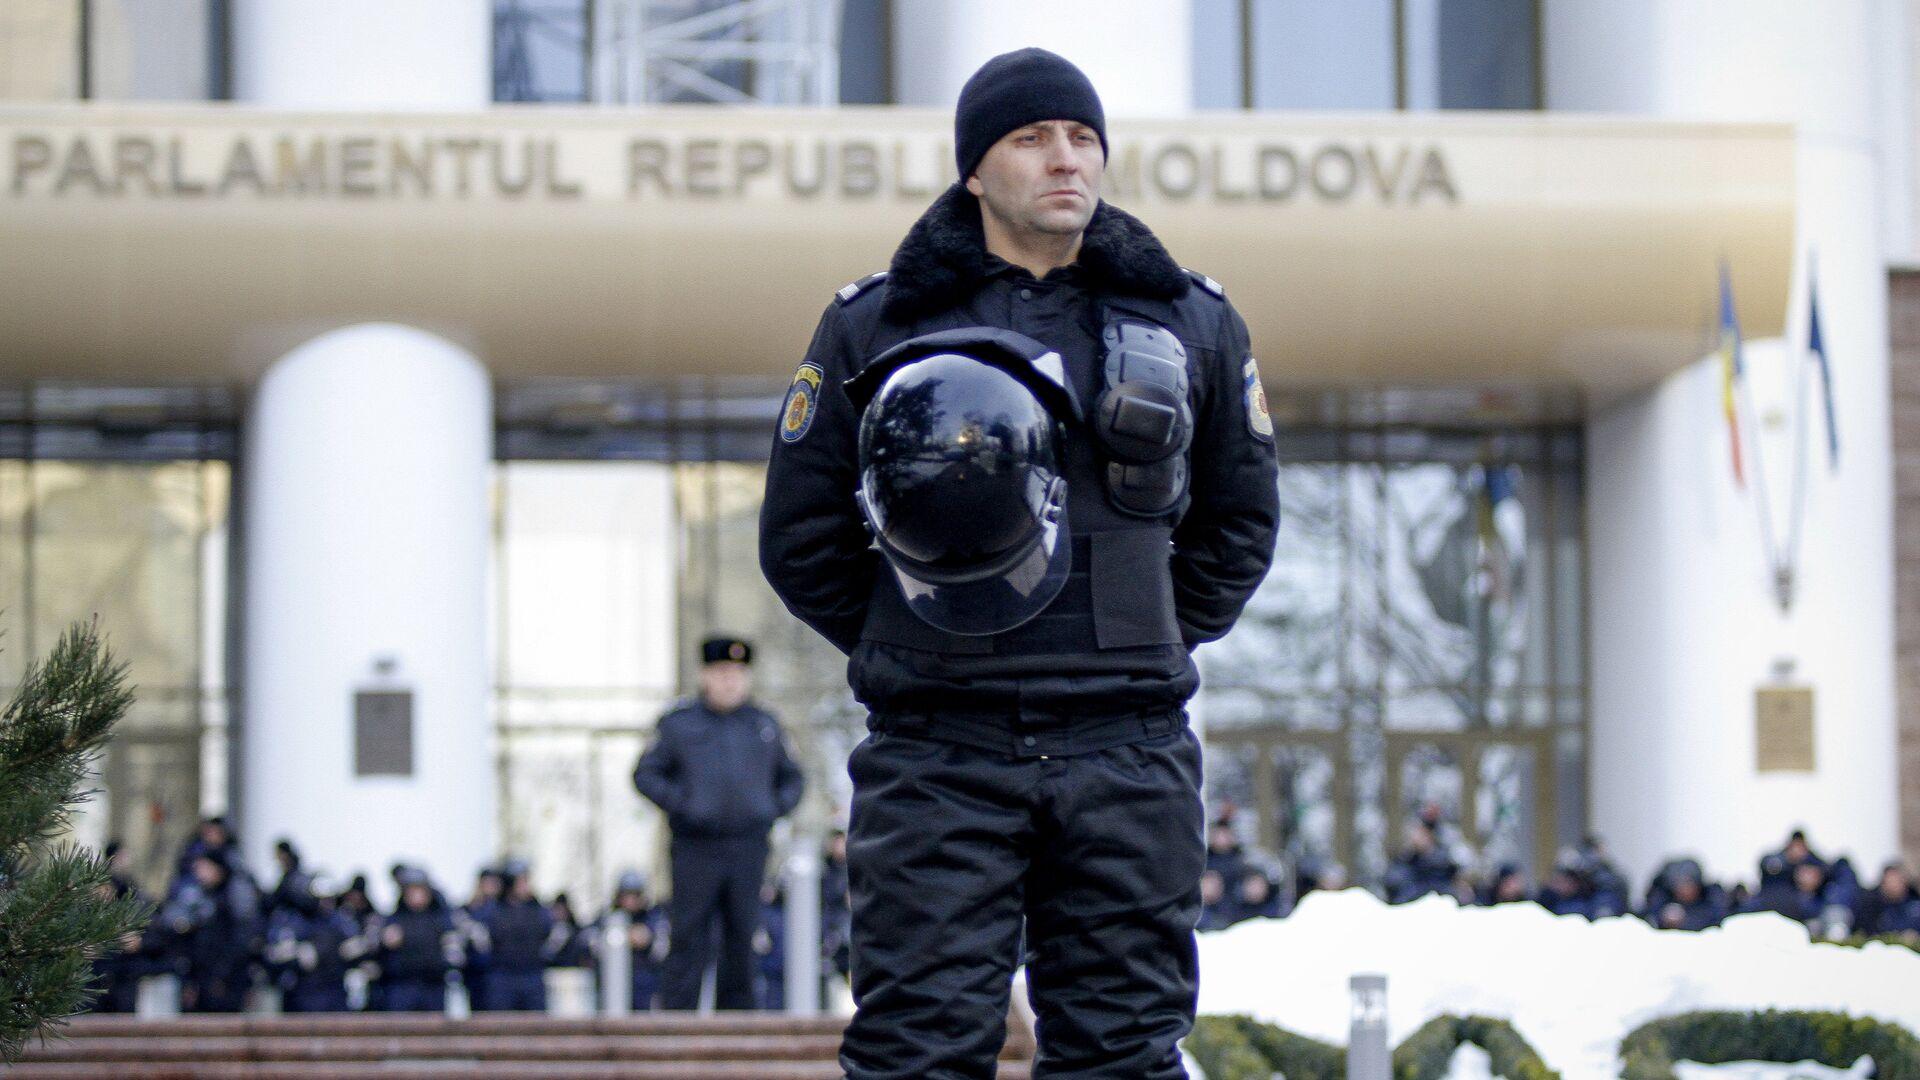 Акция протеста в Кишинёве с требованием проведения досрочных парламентских выборов - РИА Новости, 1920, 01.02.2021